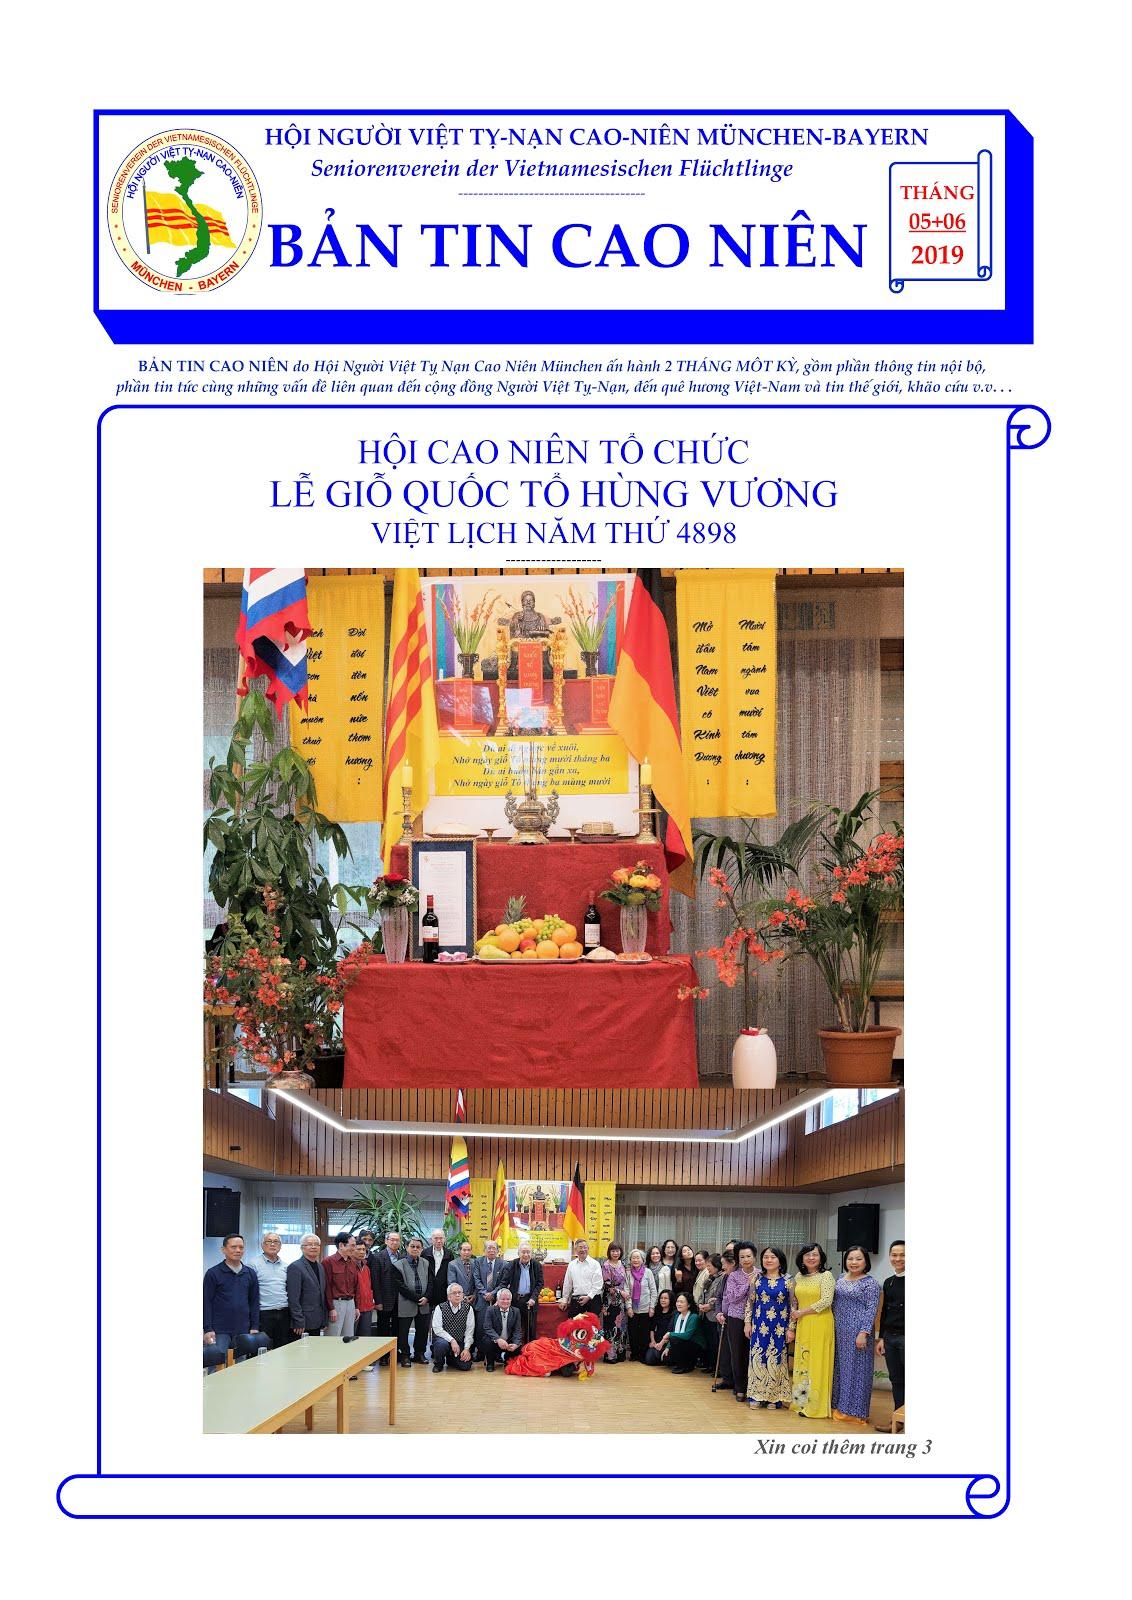 BẢN TIN CAO NIÊN 05-06-2019